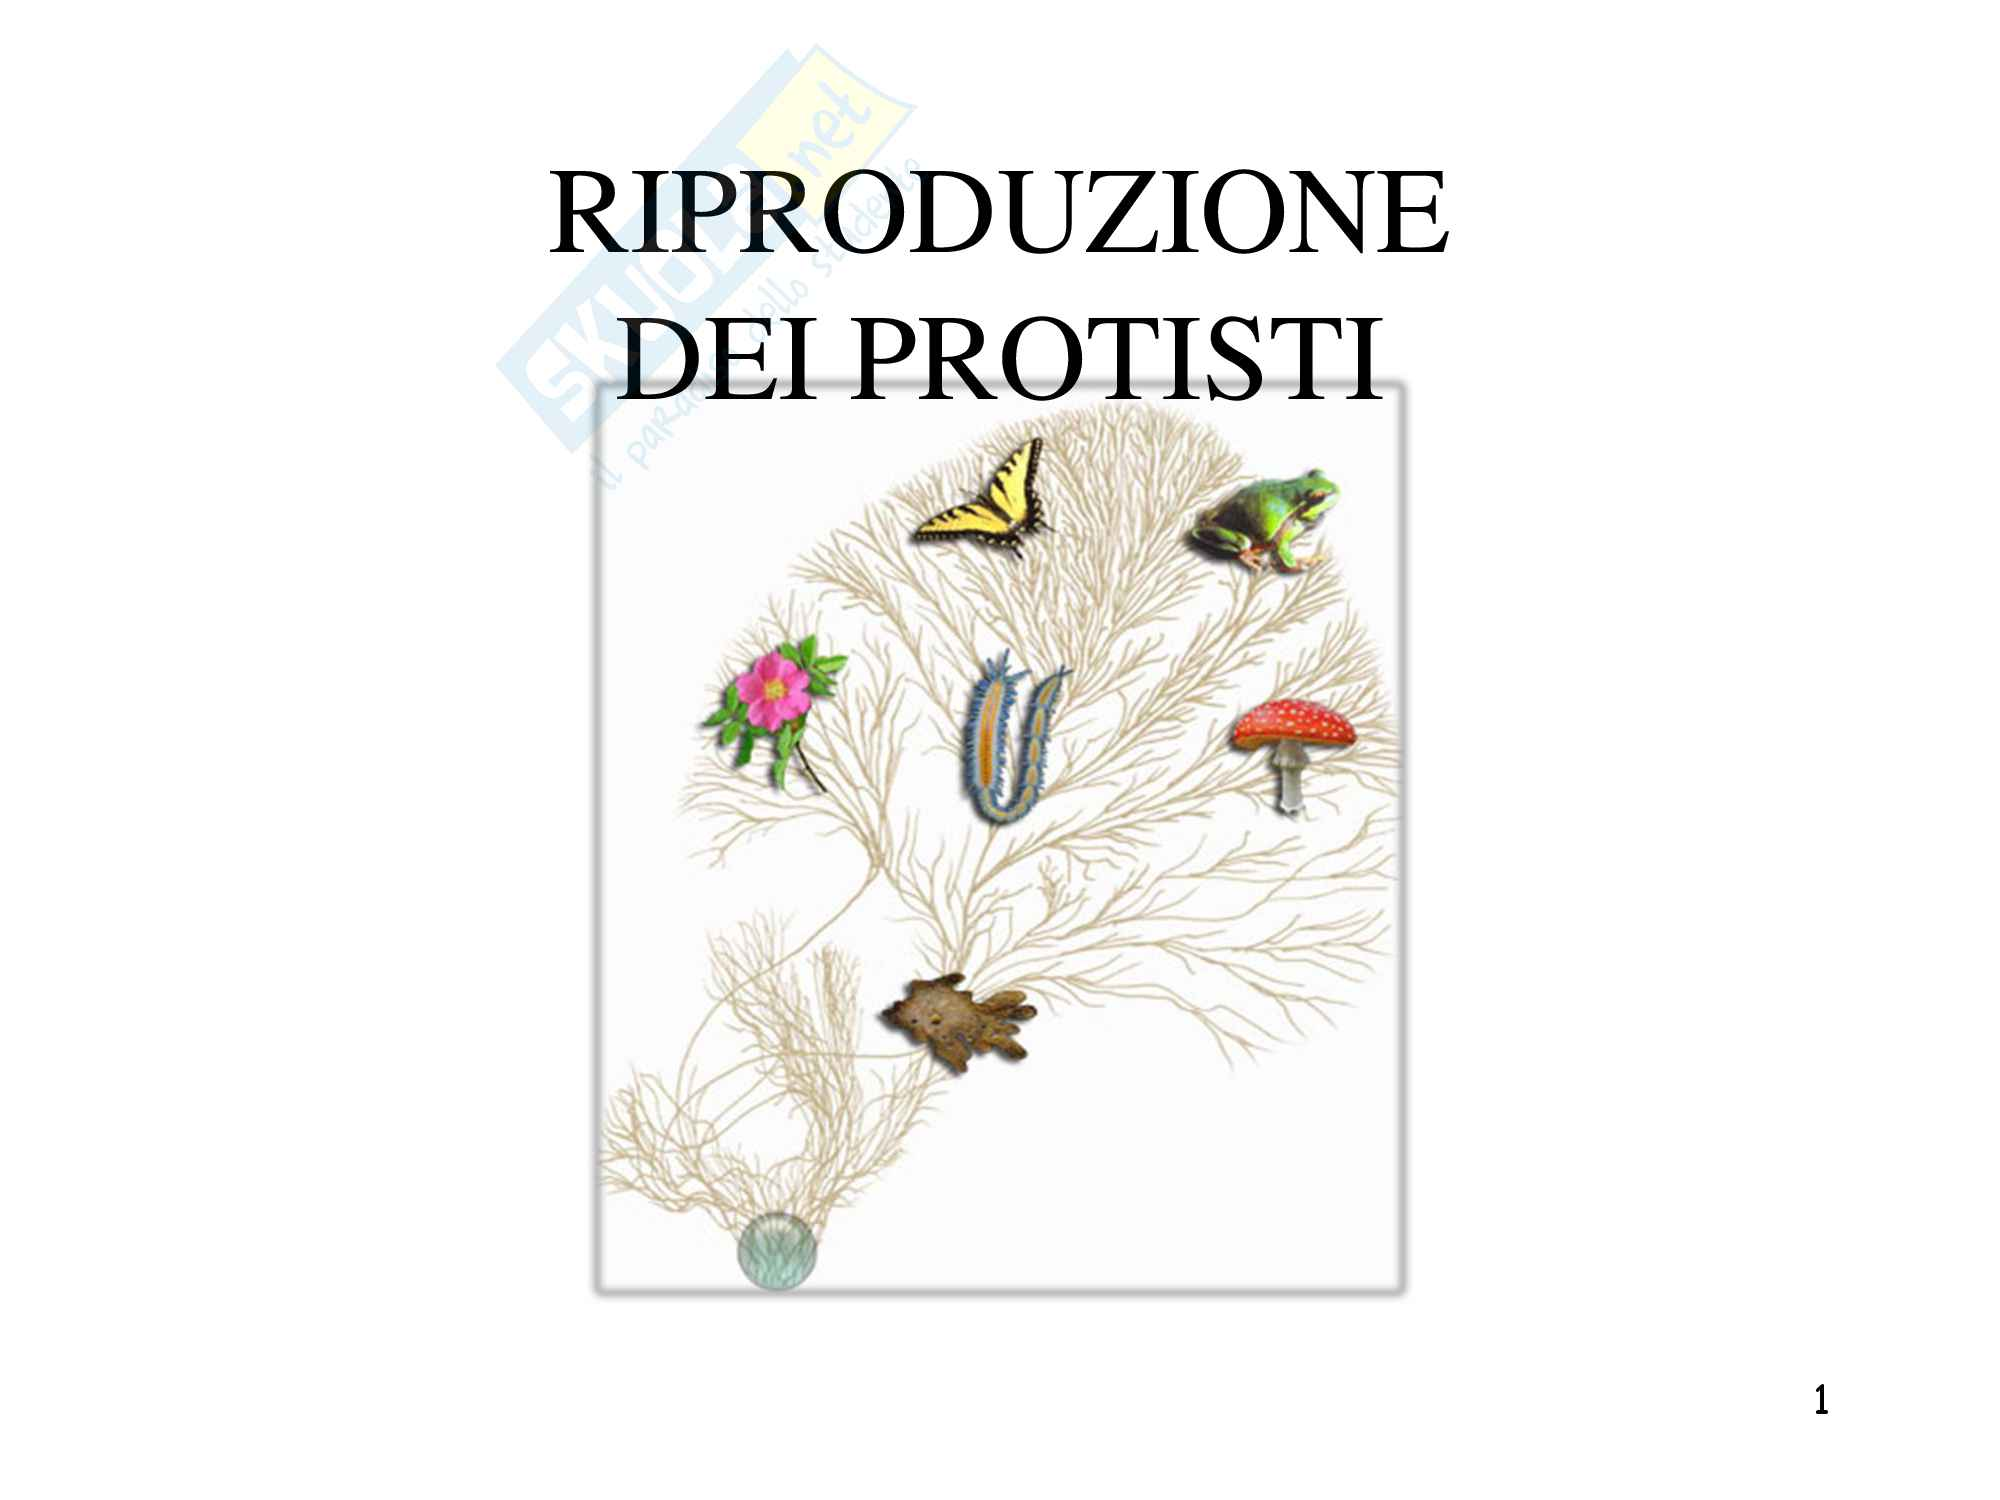 Riproduzione dei protisti, zoologia, scienze biologiche